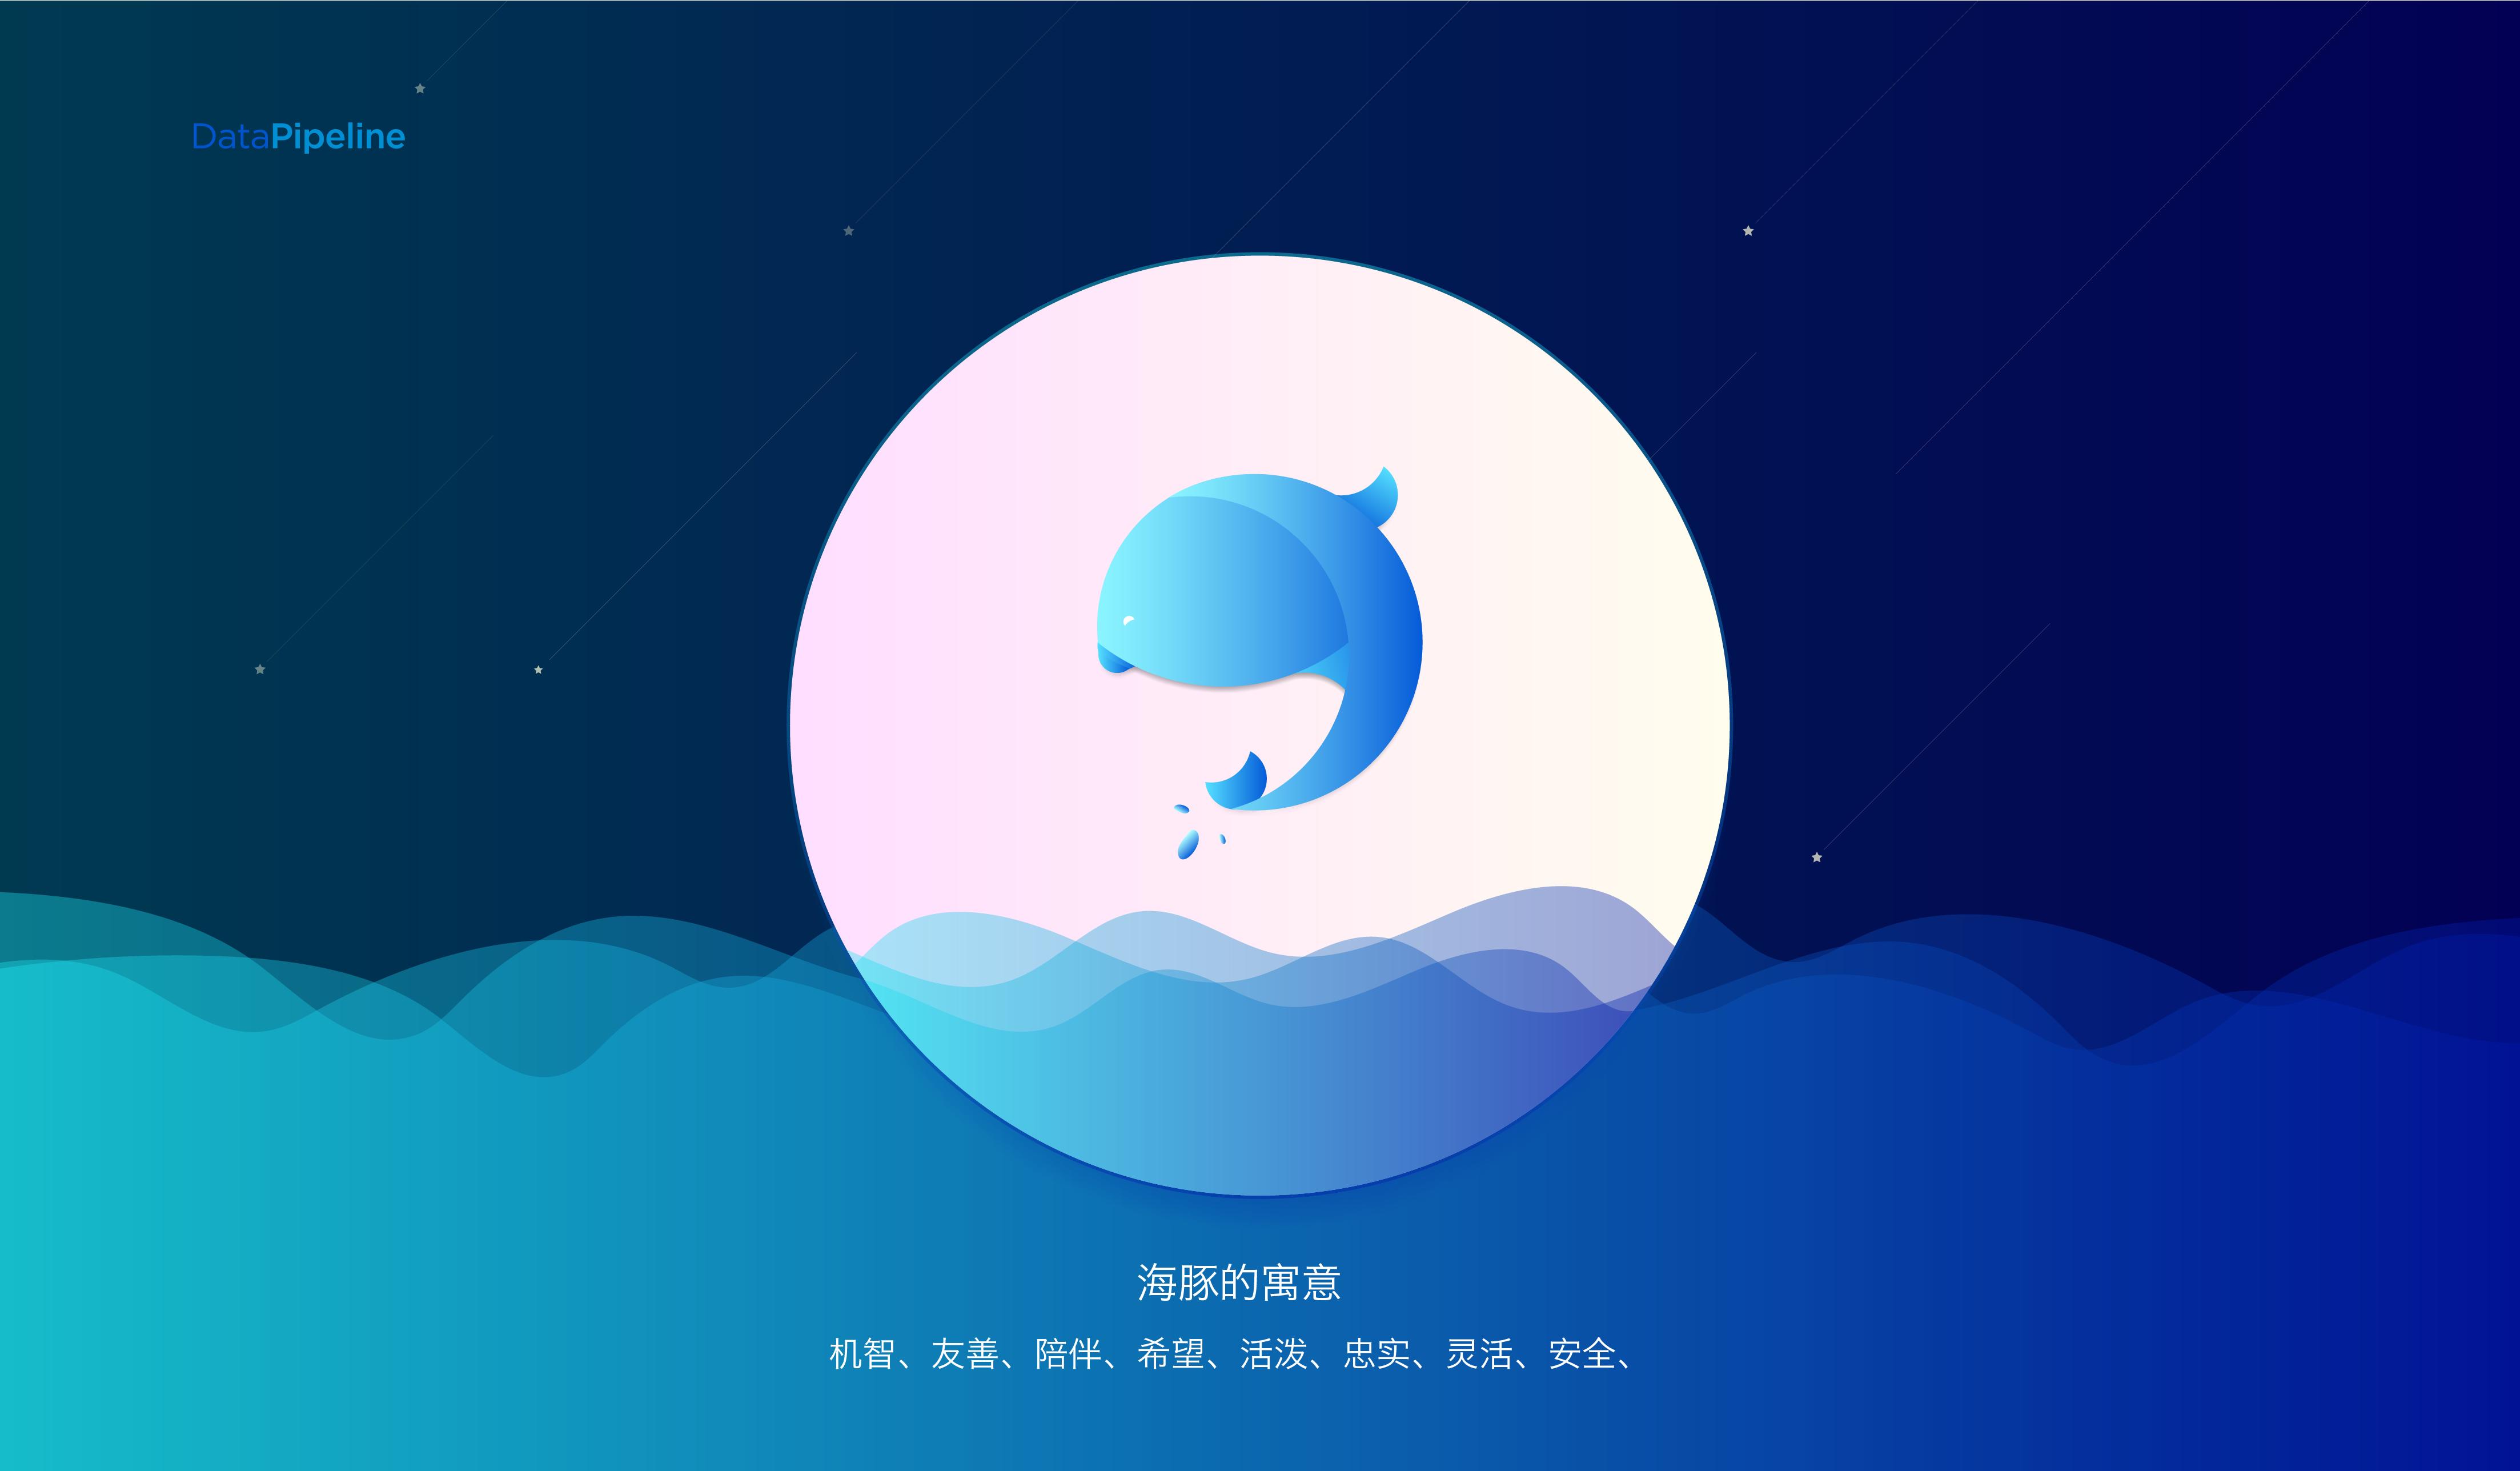 海豚|平面|品牌|哎呦喂囡囡耶 - 原创作品 - 站酷